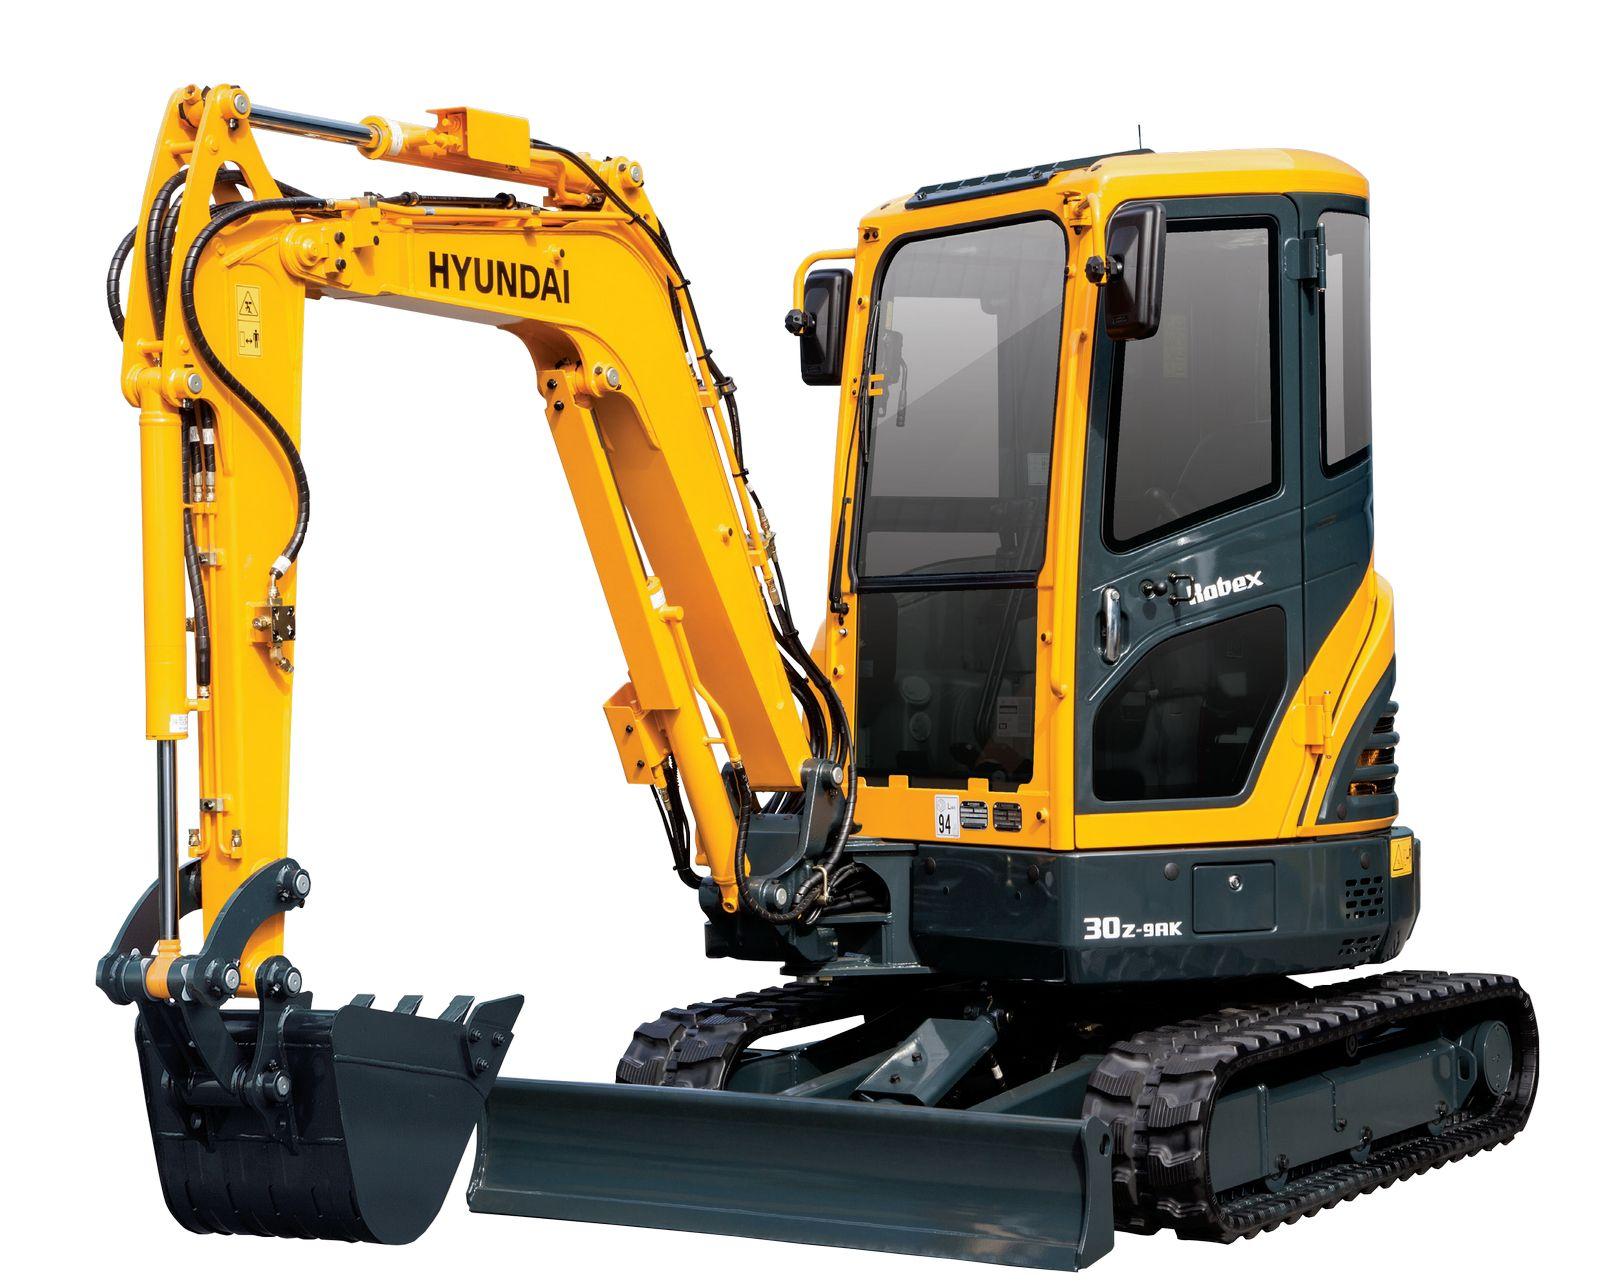 R30Z-9AK-reliability-durability